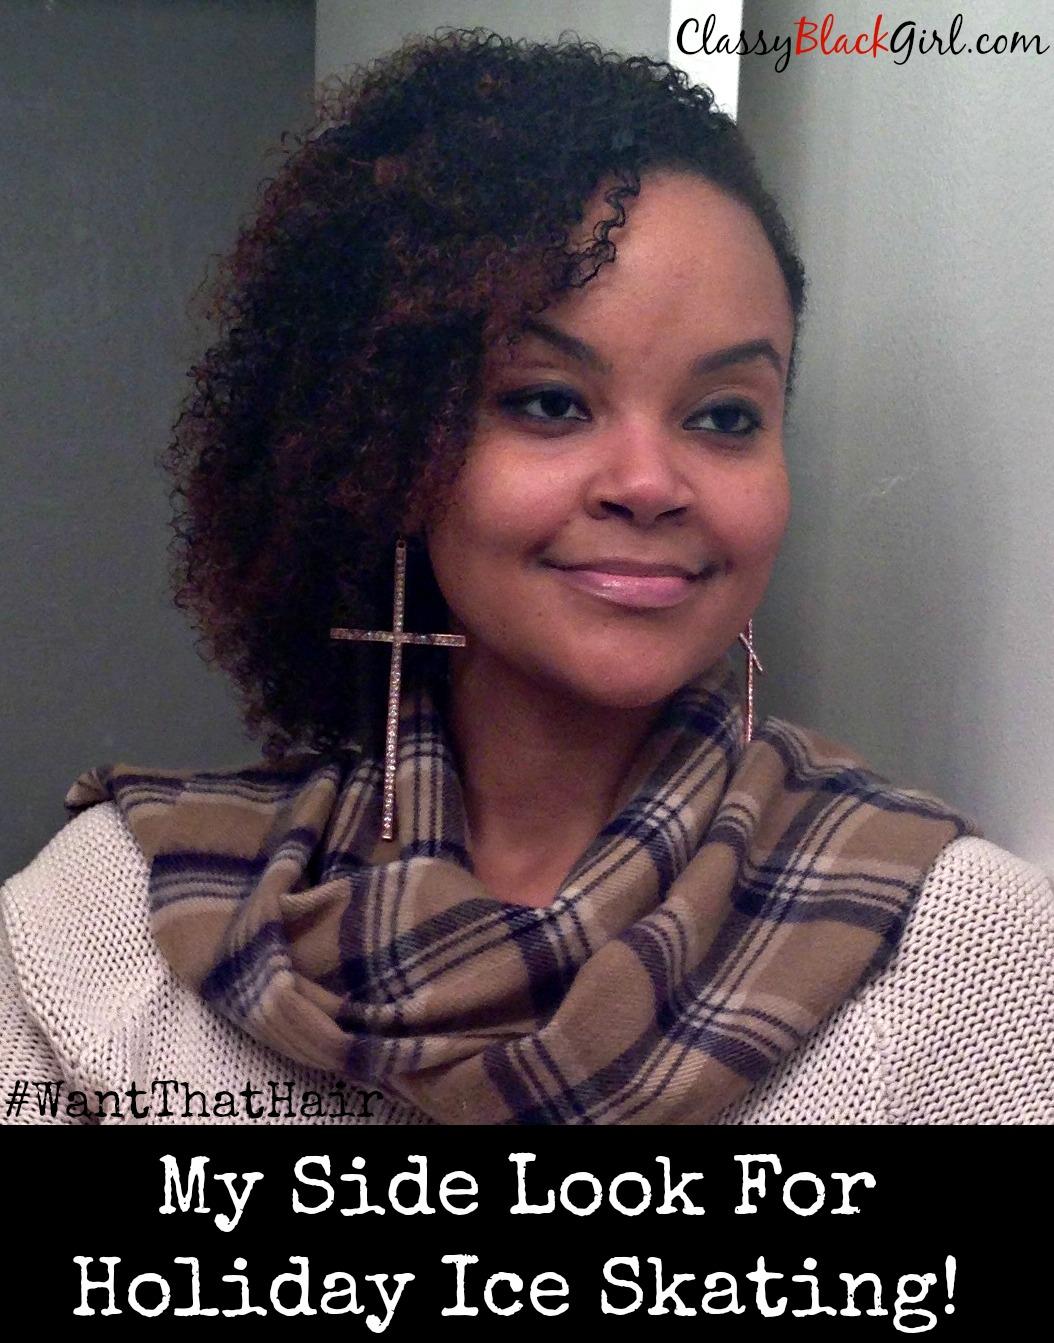 #wantthathair #clevergirls #sponsored #Sharelle D. Lowery ClassyBlackGirl Pantene Natural Hair